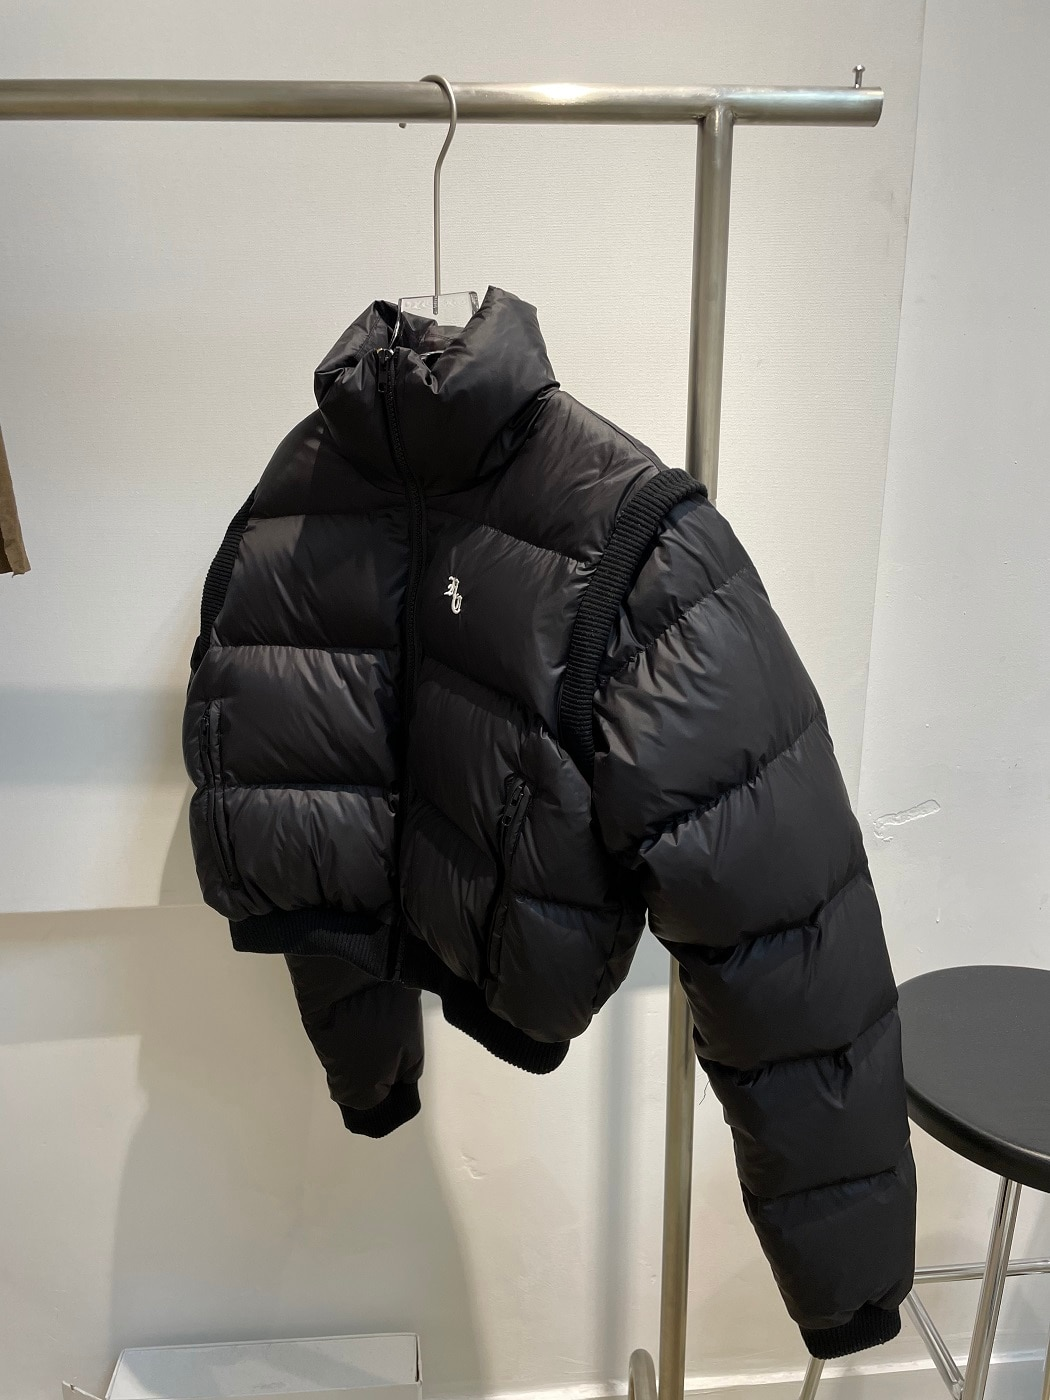 [قبل البيع *] سوبر قصيرة أسفل سترة مع الأكمام انفصال للحفاظ على الدفء ، أسود اثنين من ارتداء سترة وسترة أسفل